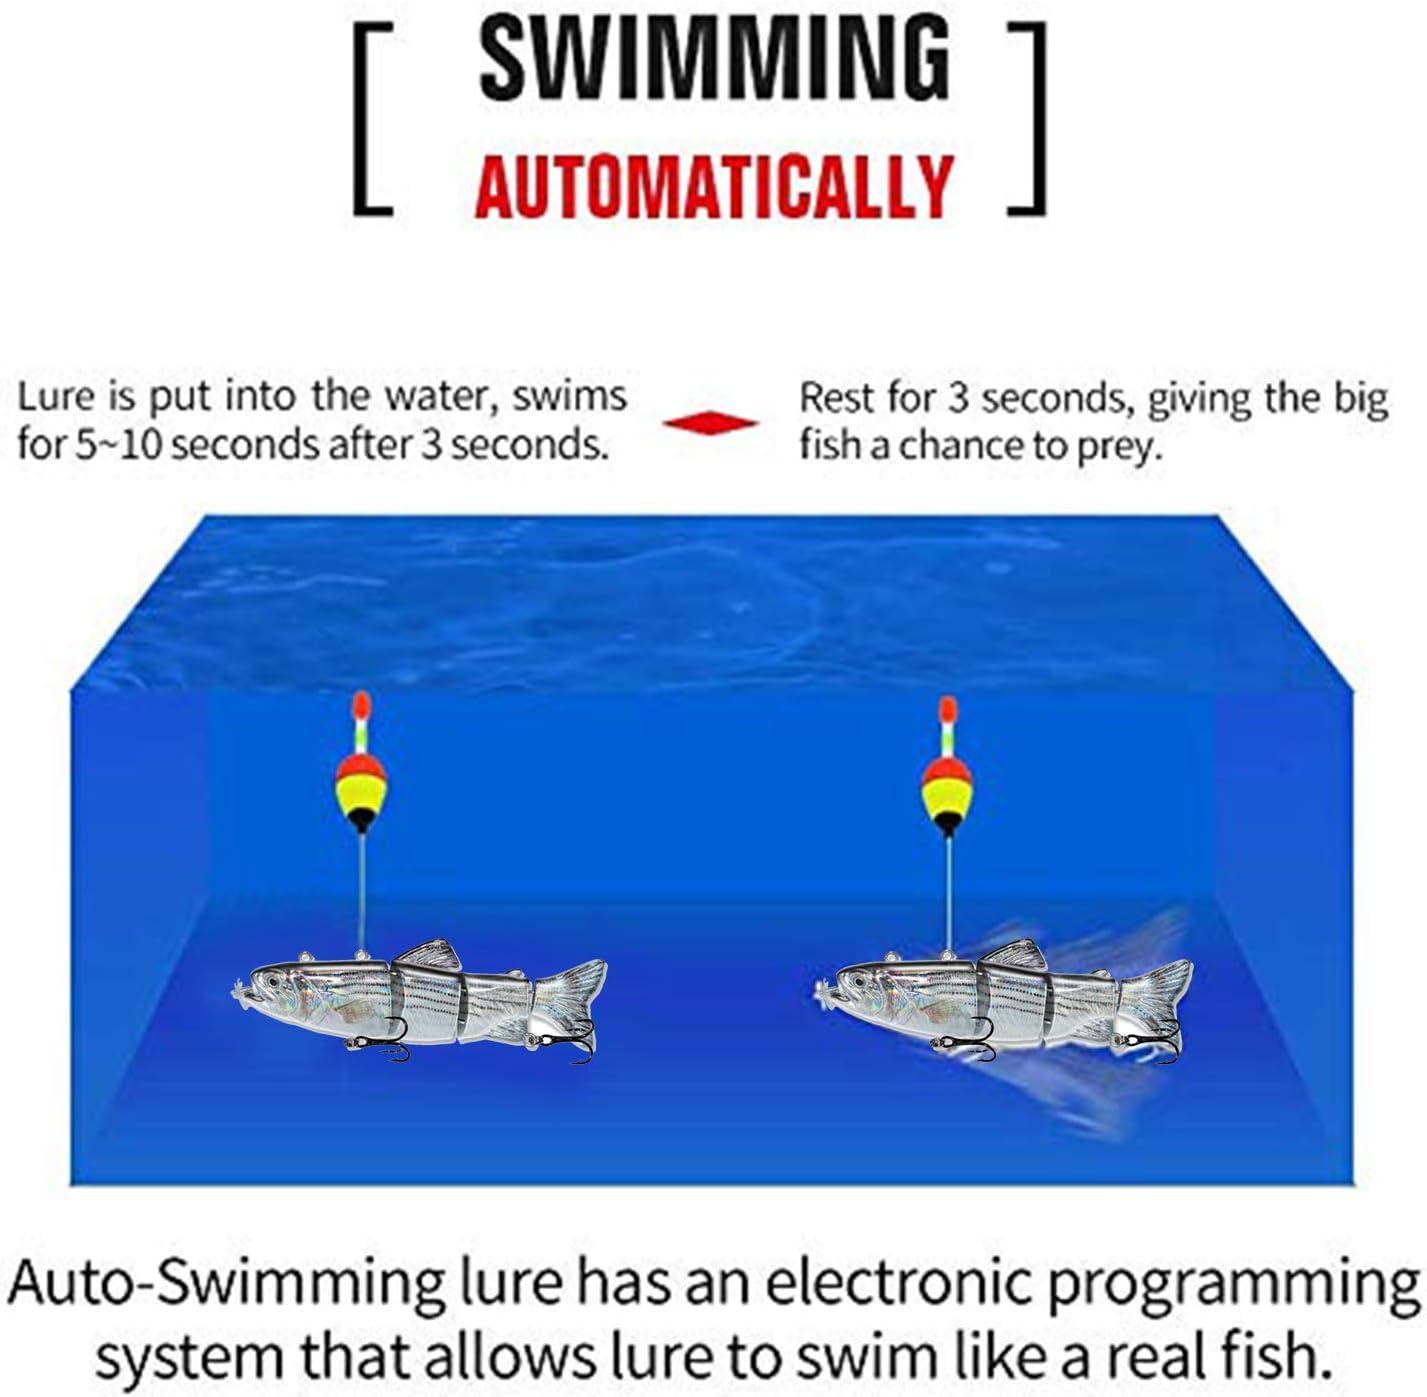 ods lure Robotic Schwimmk/öder USB wiederaufladbar Fischk/öder mit LED Licht Elektrischer Angelk/öder mit 4 Gelenke